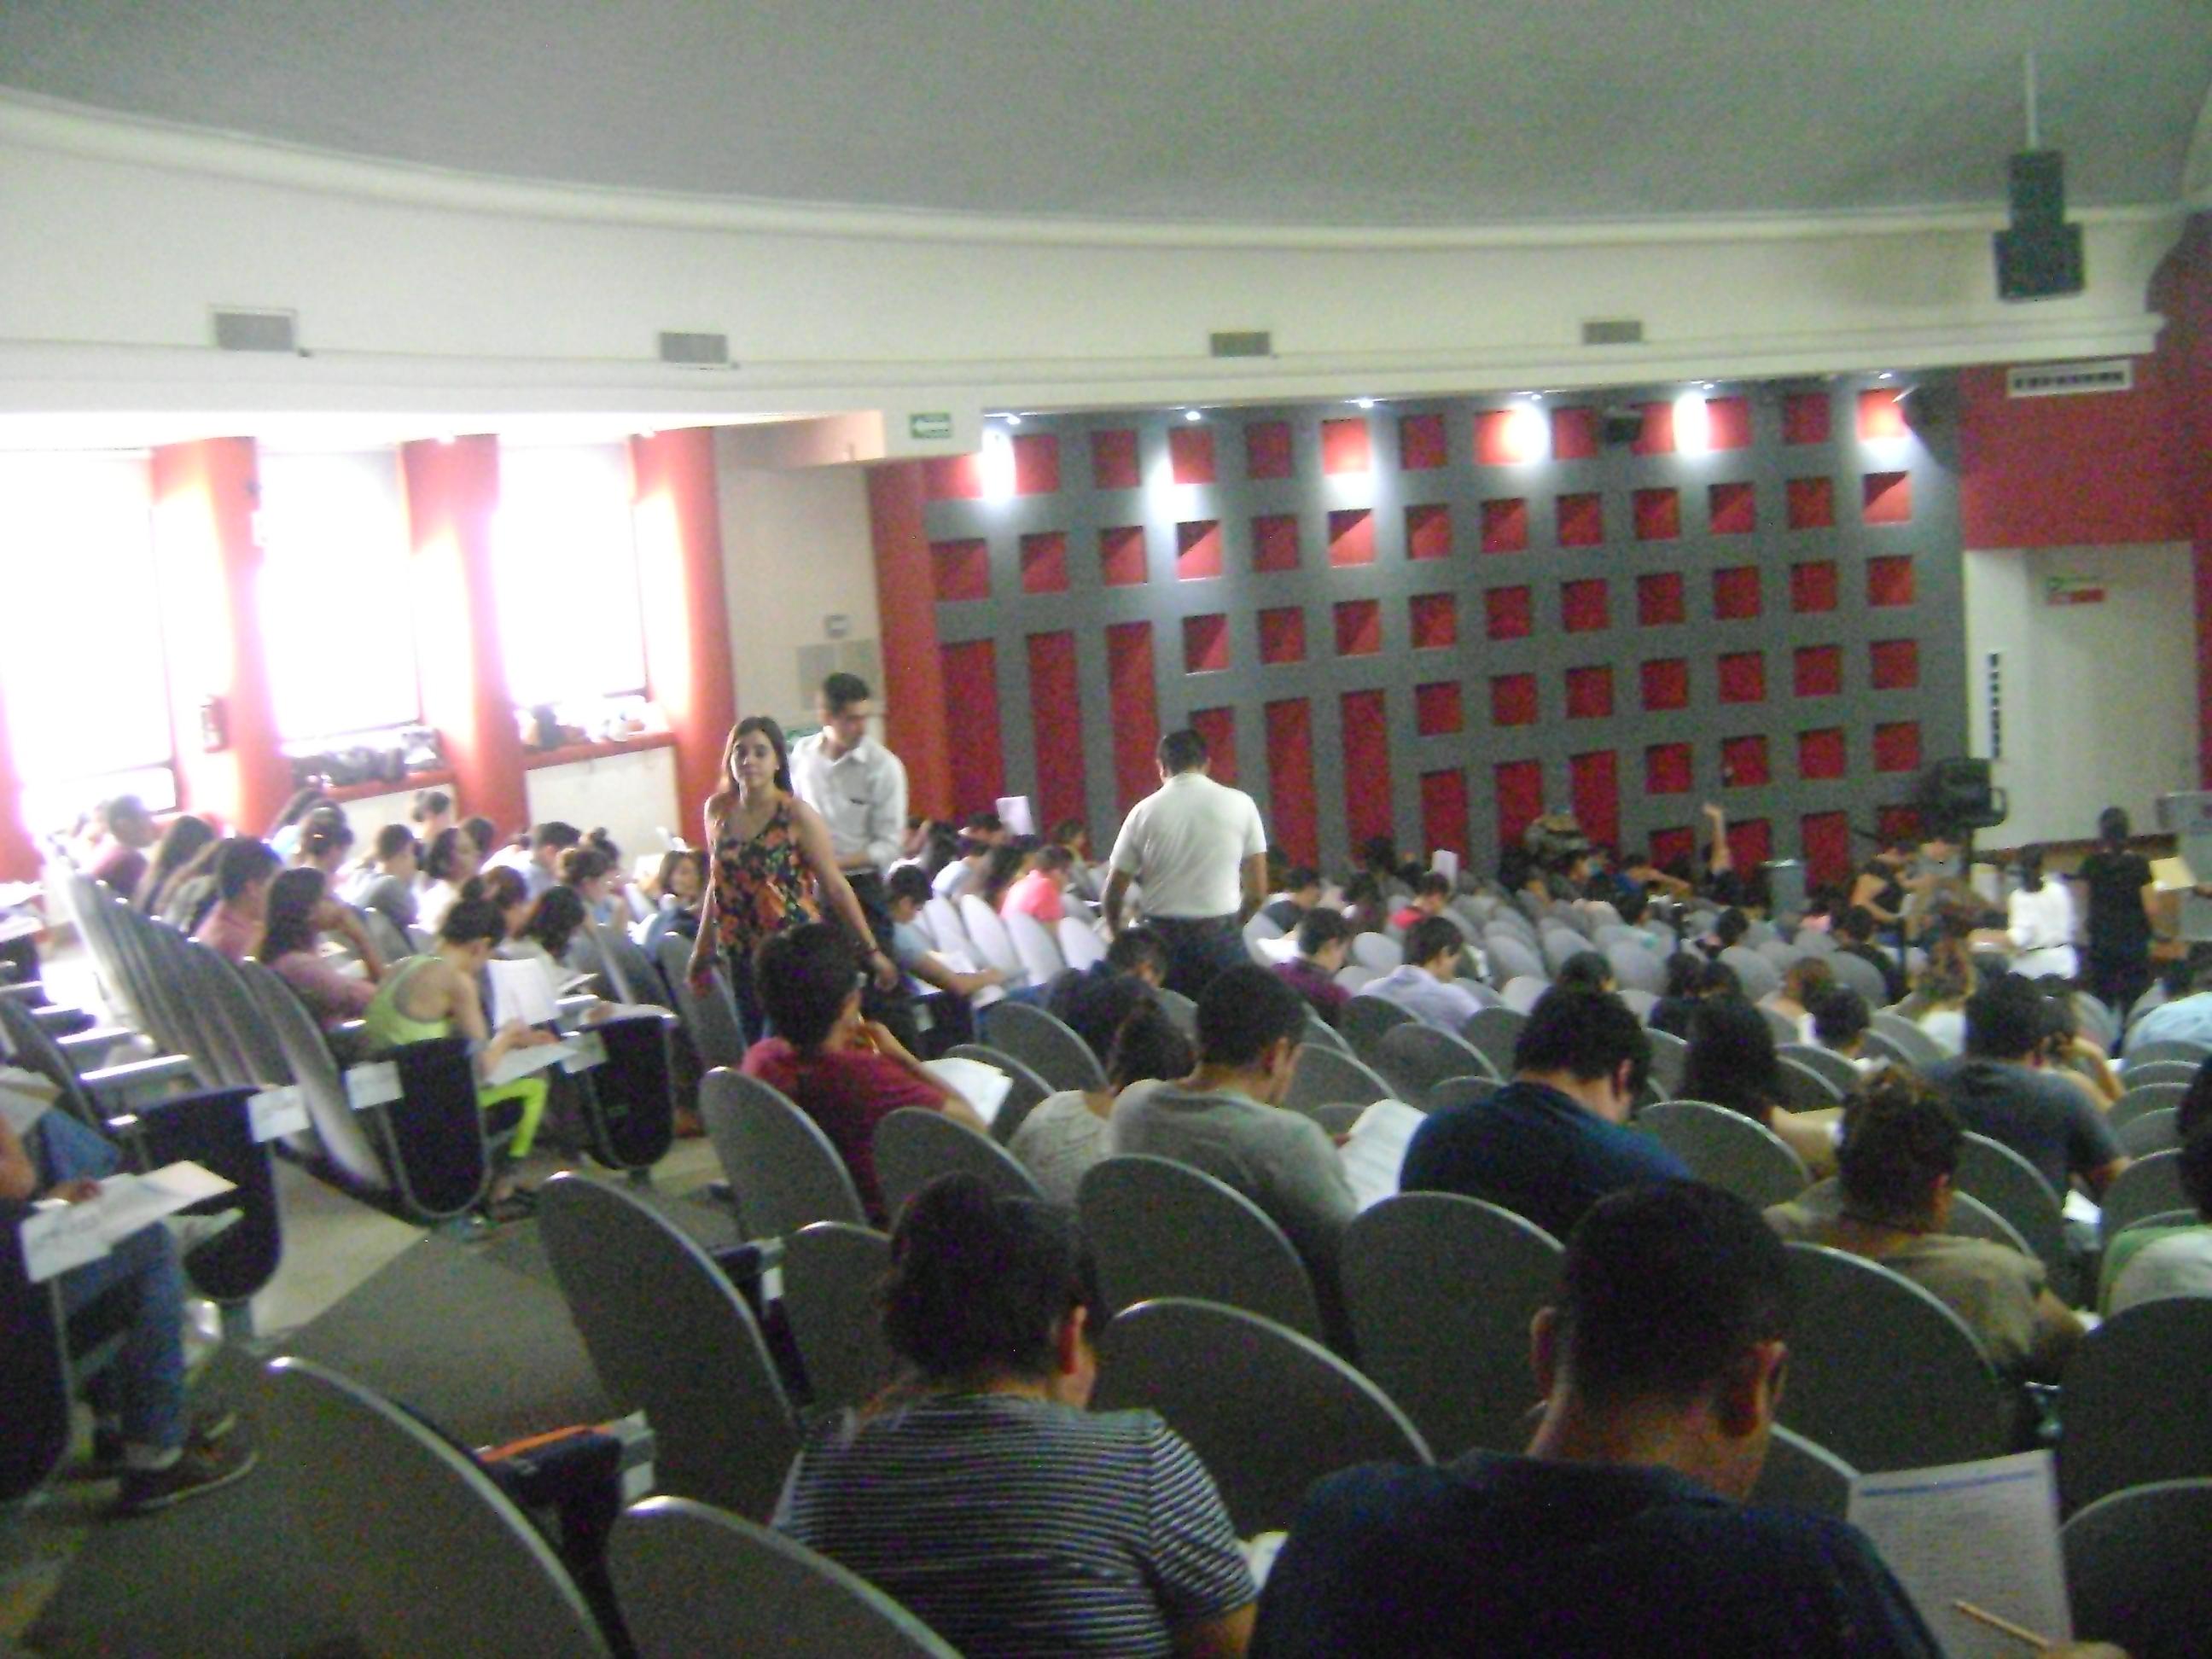 Vista de todas las butacas del Auditorio Roberto Mendiola Orta ocupadas por alumnos haciendo el Egel